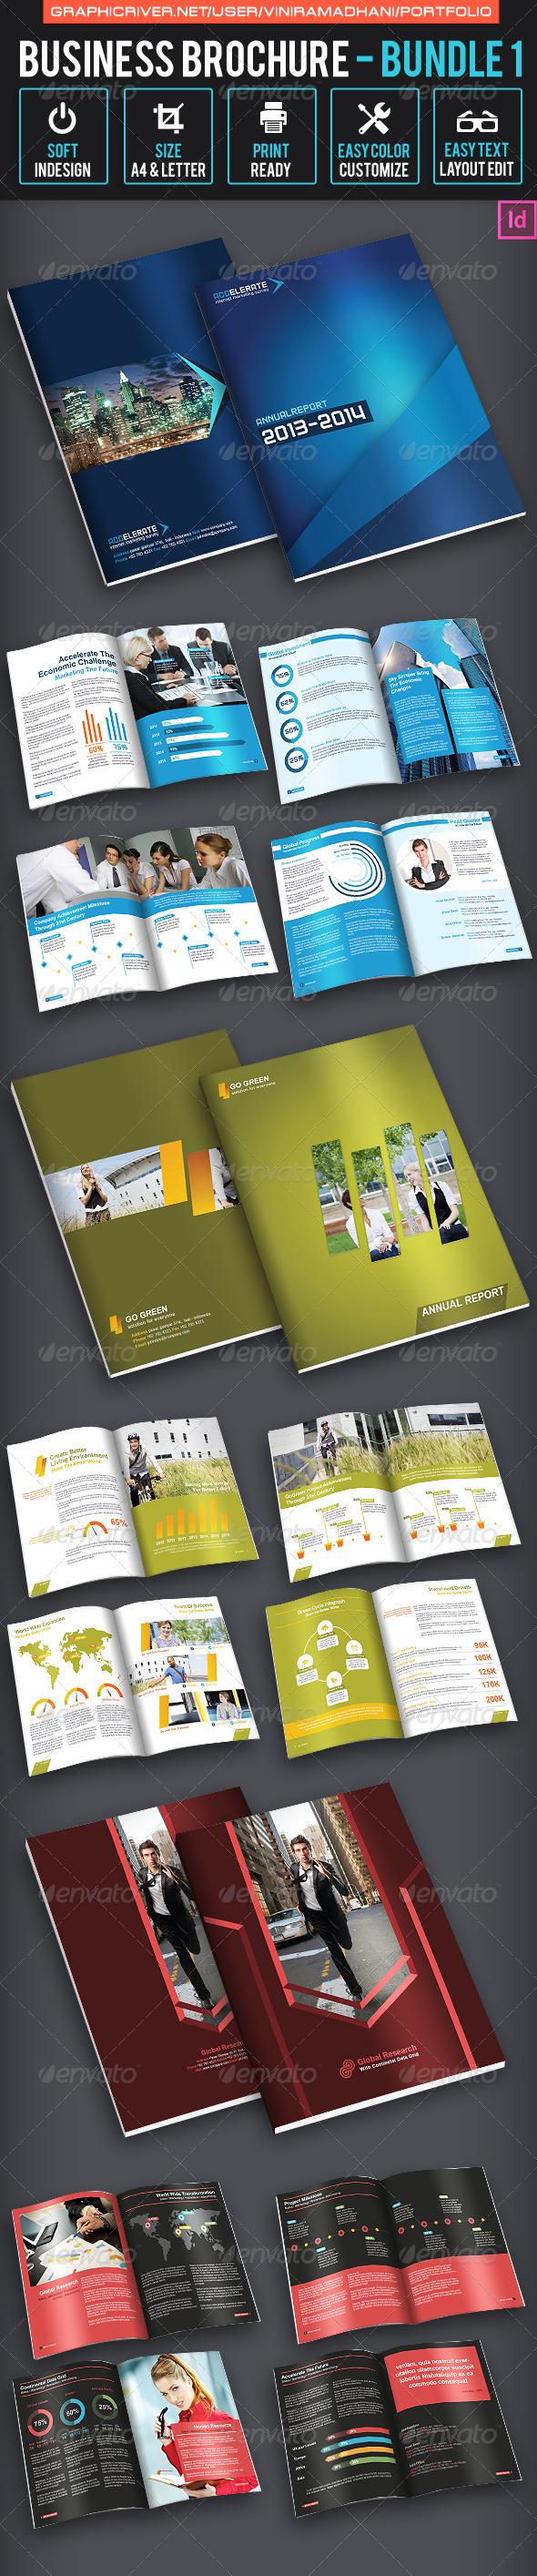 Business Brochure Bundle 1 - Corporate Brochures